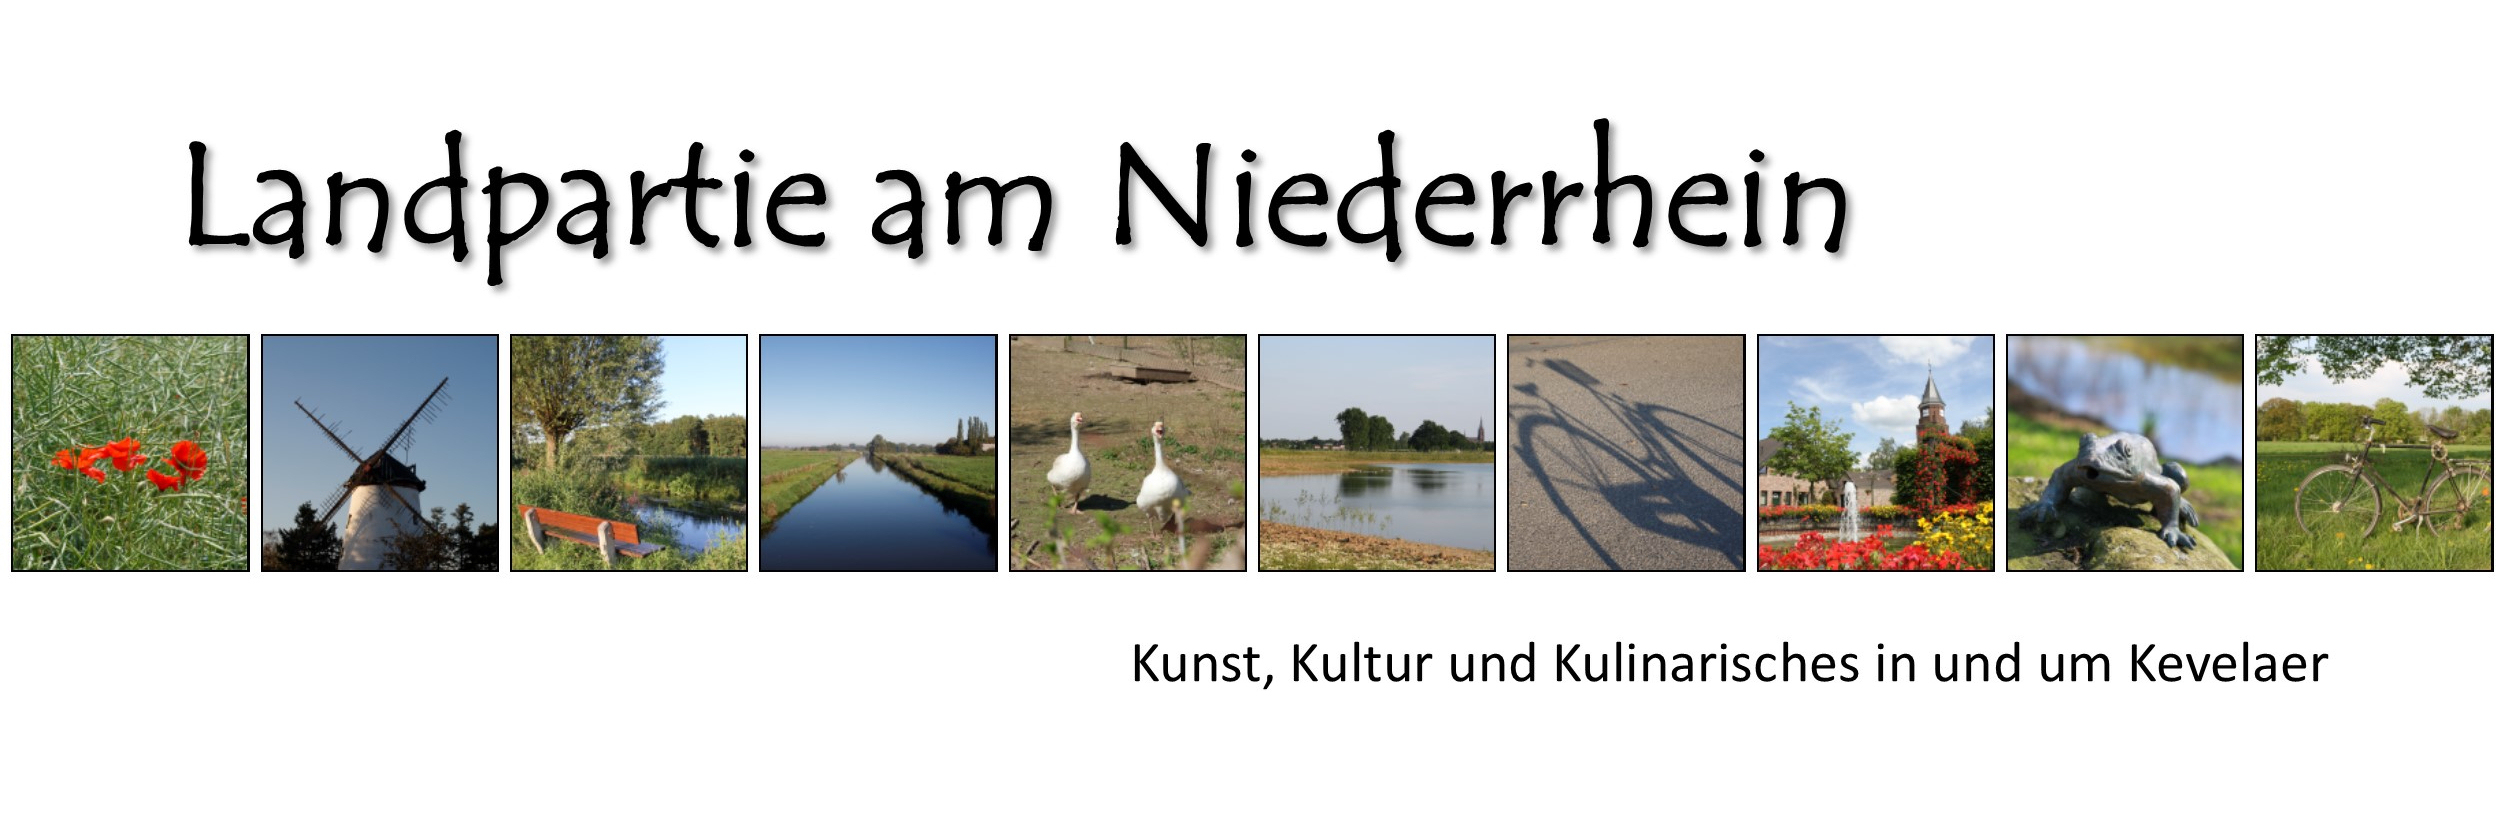 Landpartie am Niederrhein